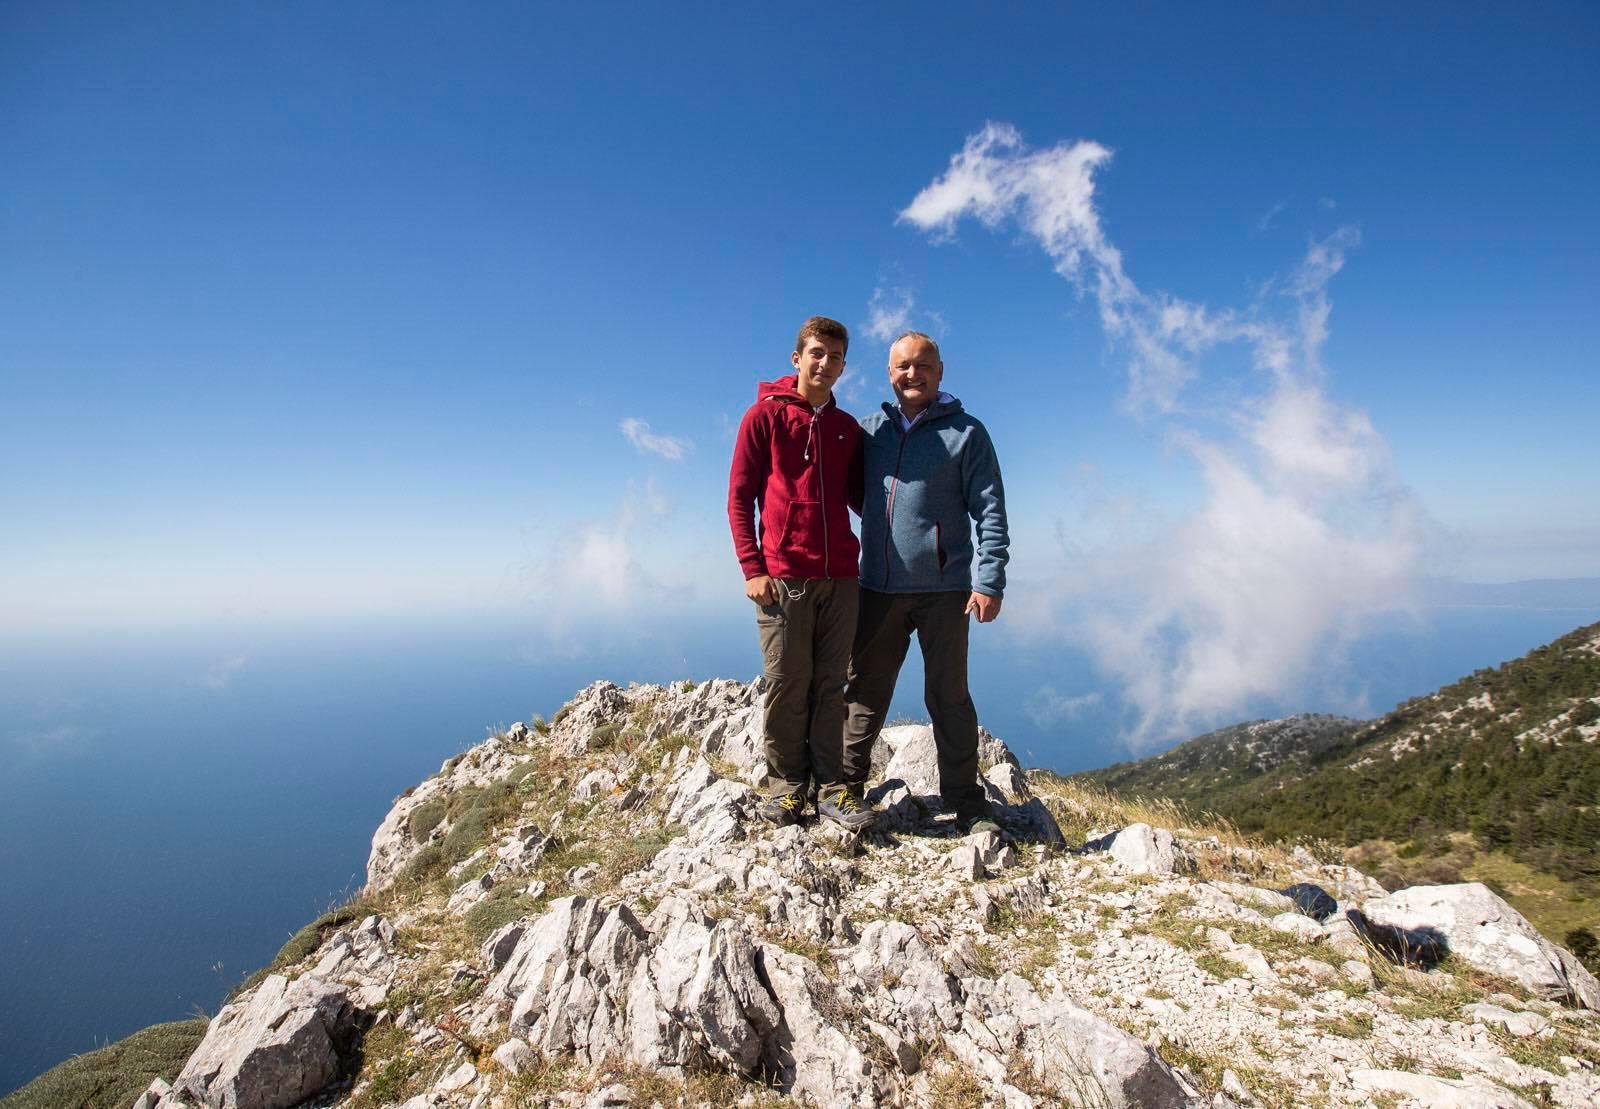 Первый этап преодолен: Додон с командой поднялись на Афон на 1500 метров над уровнем моря (ФОТО)